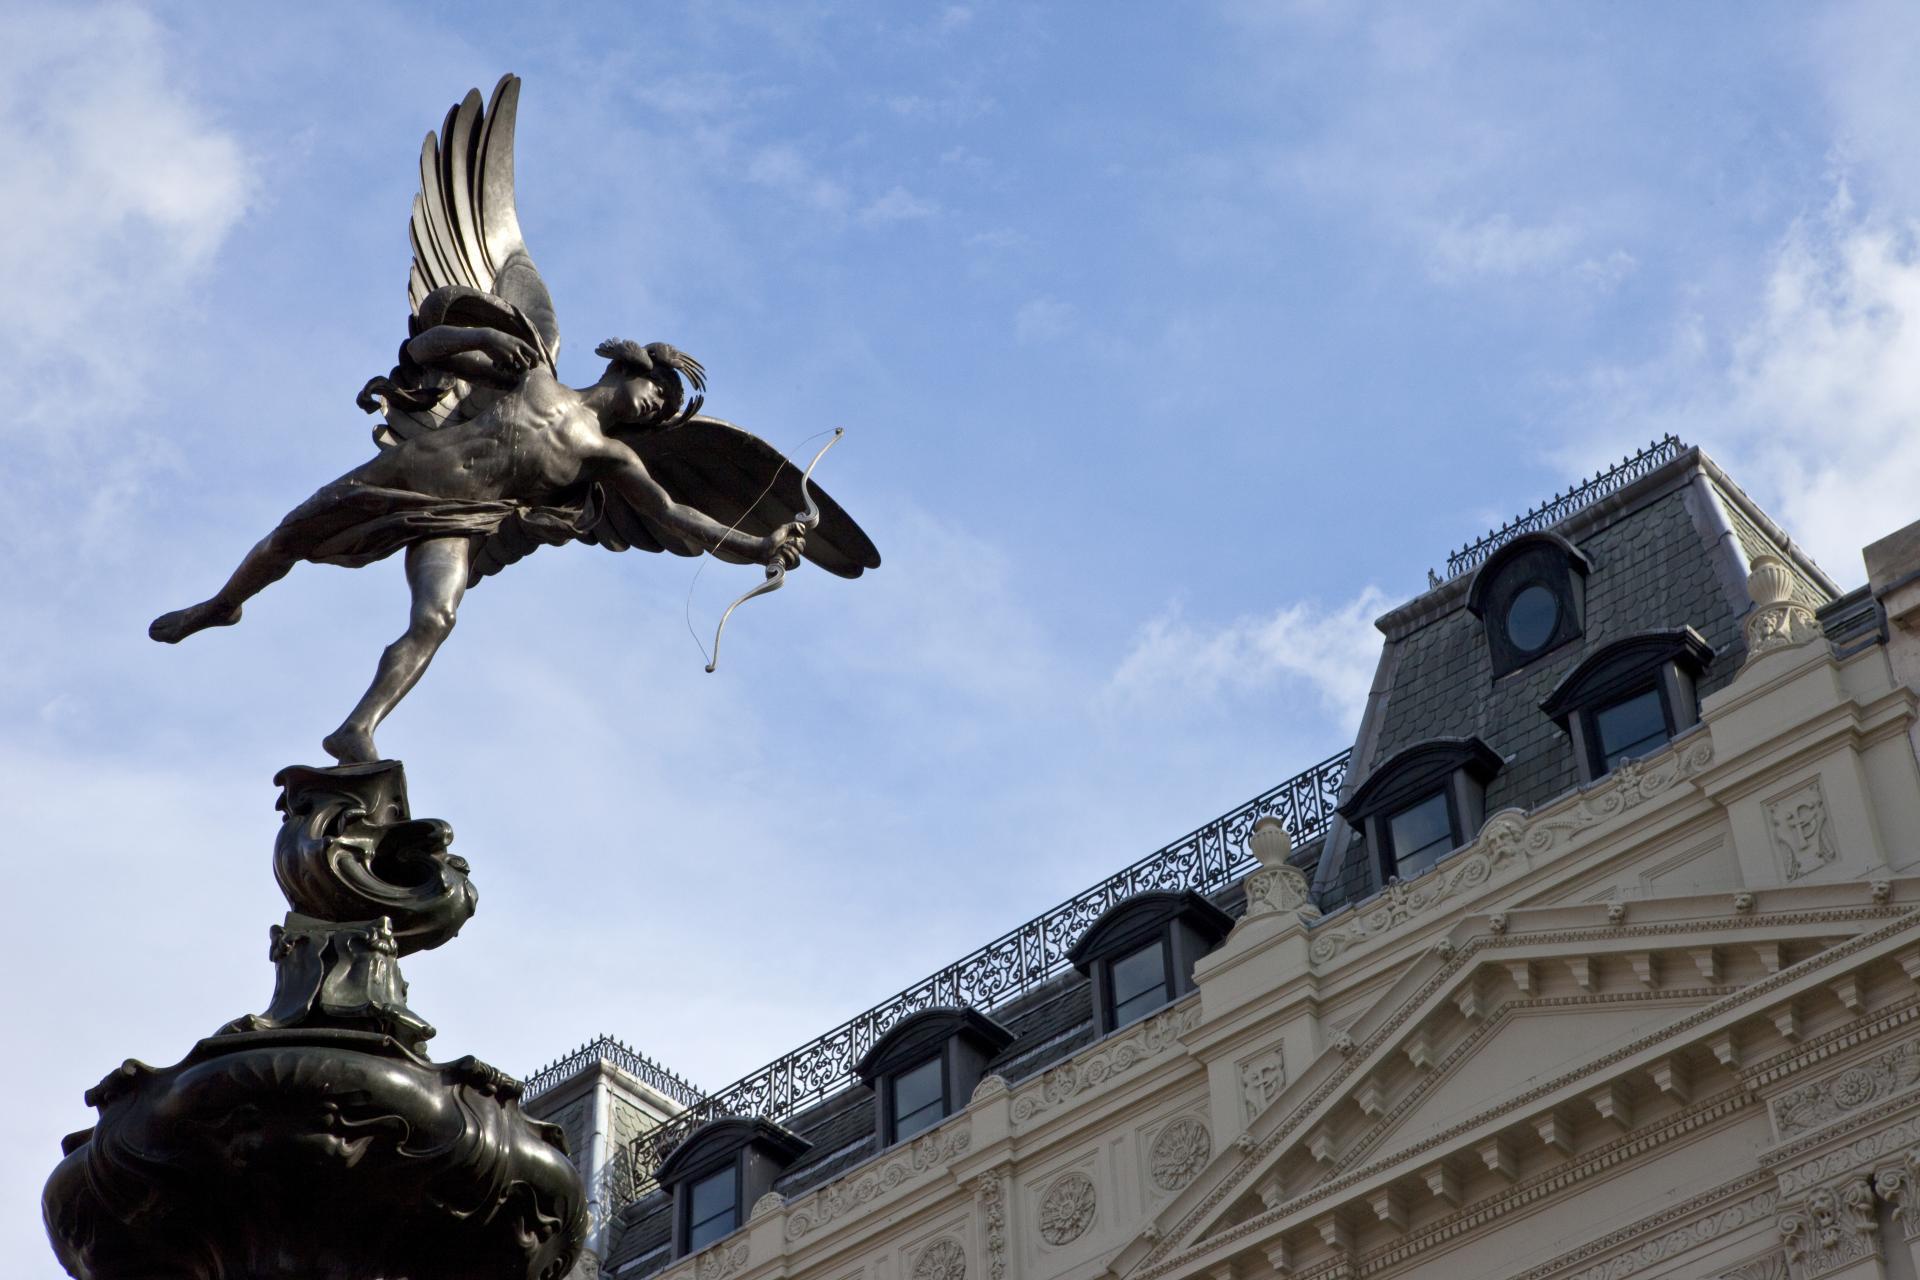 Monumento en Piccadilly Circus: Figura de Eros